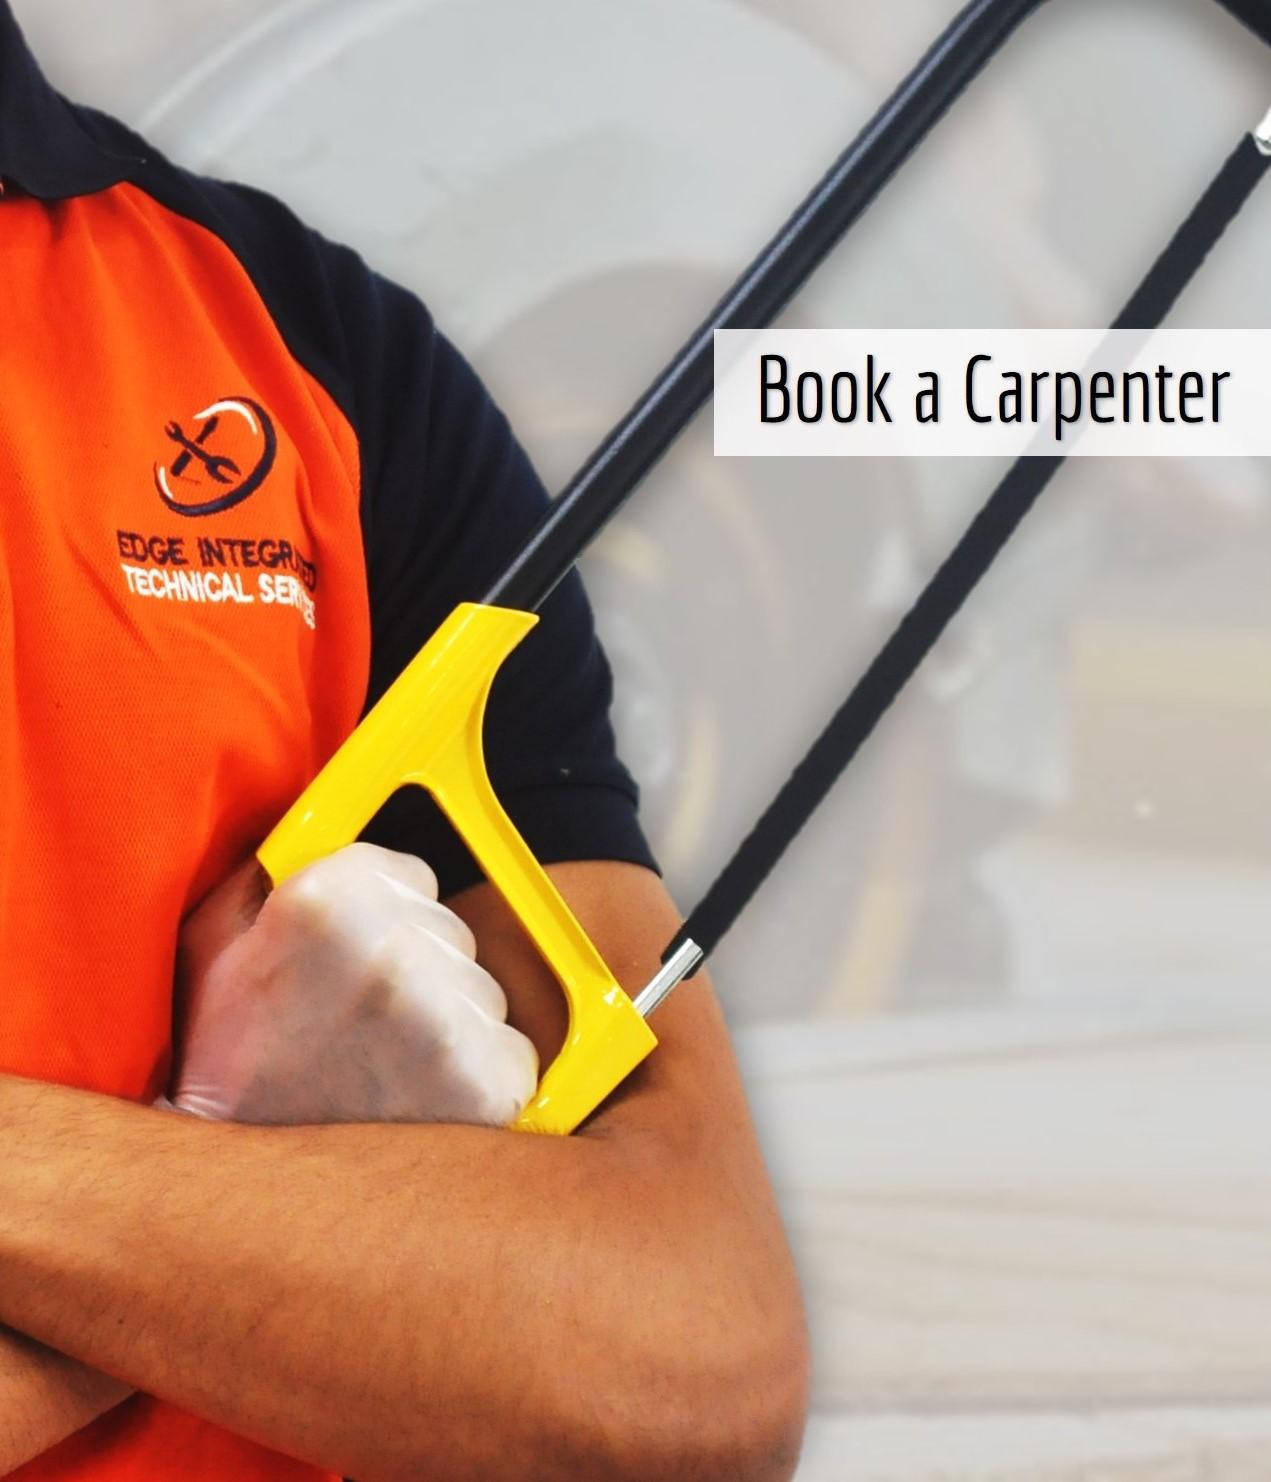 Book A Carpenter